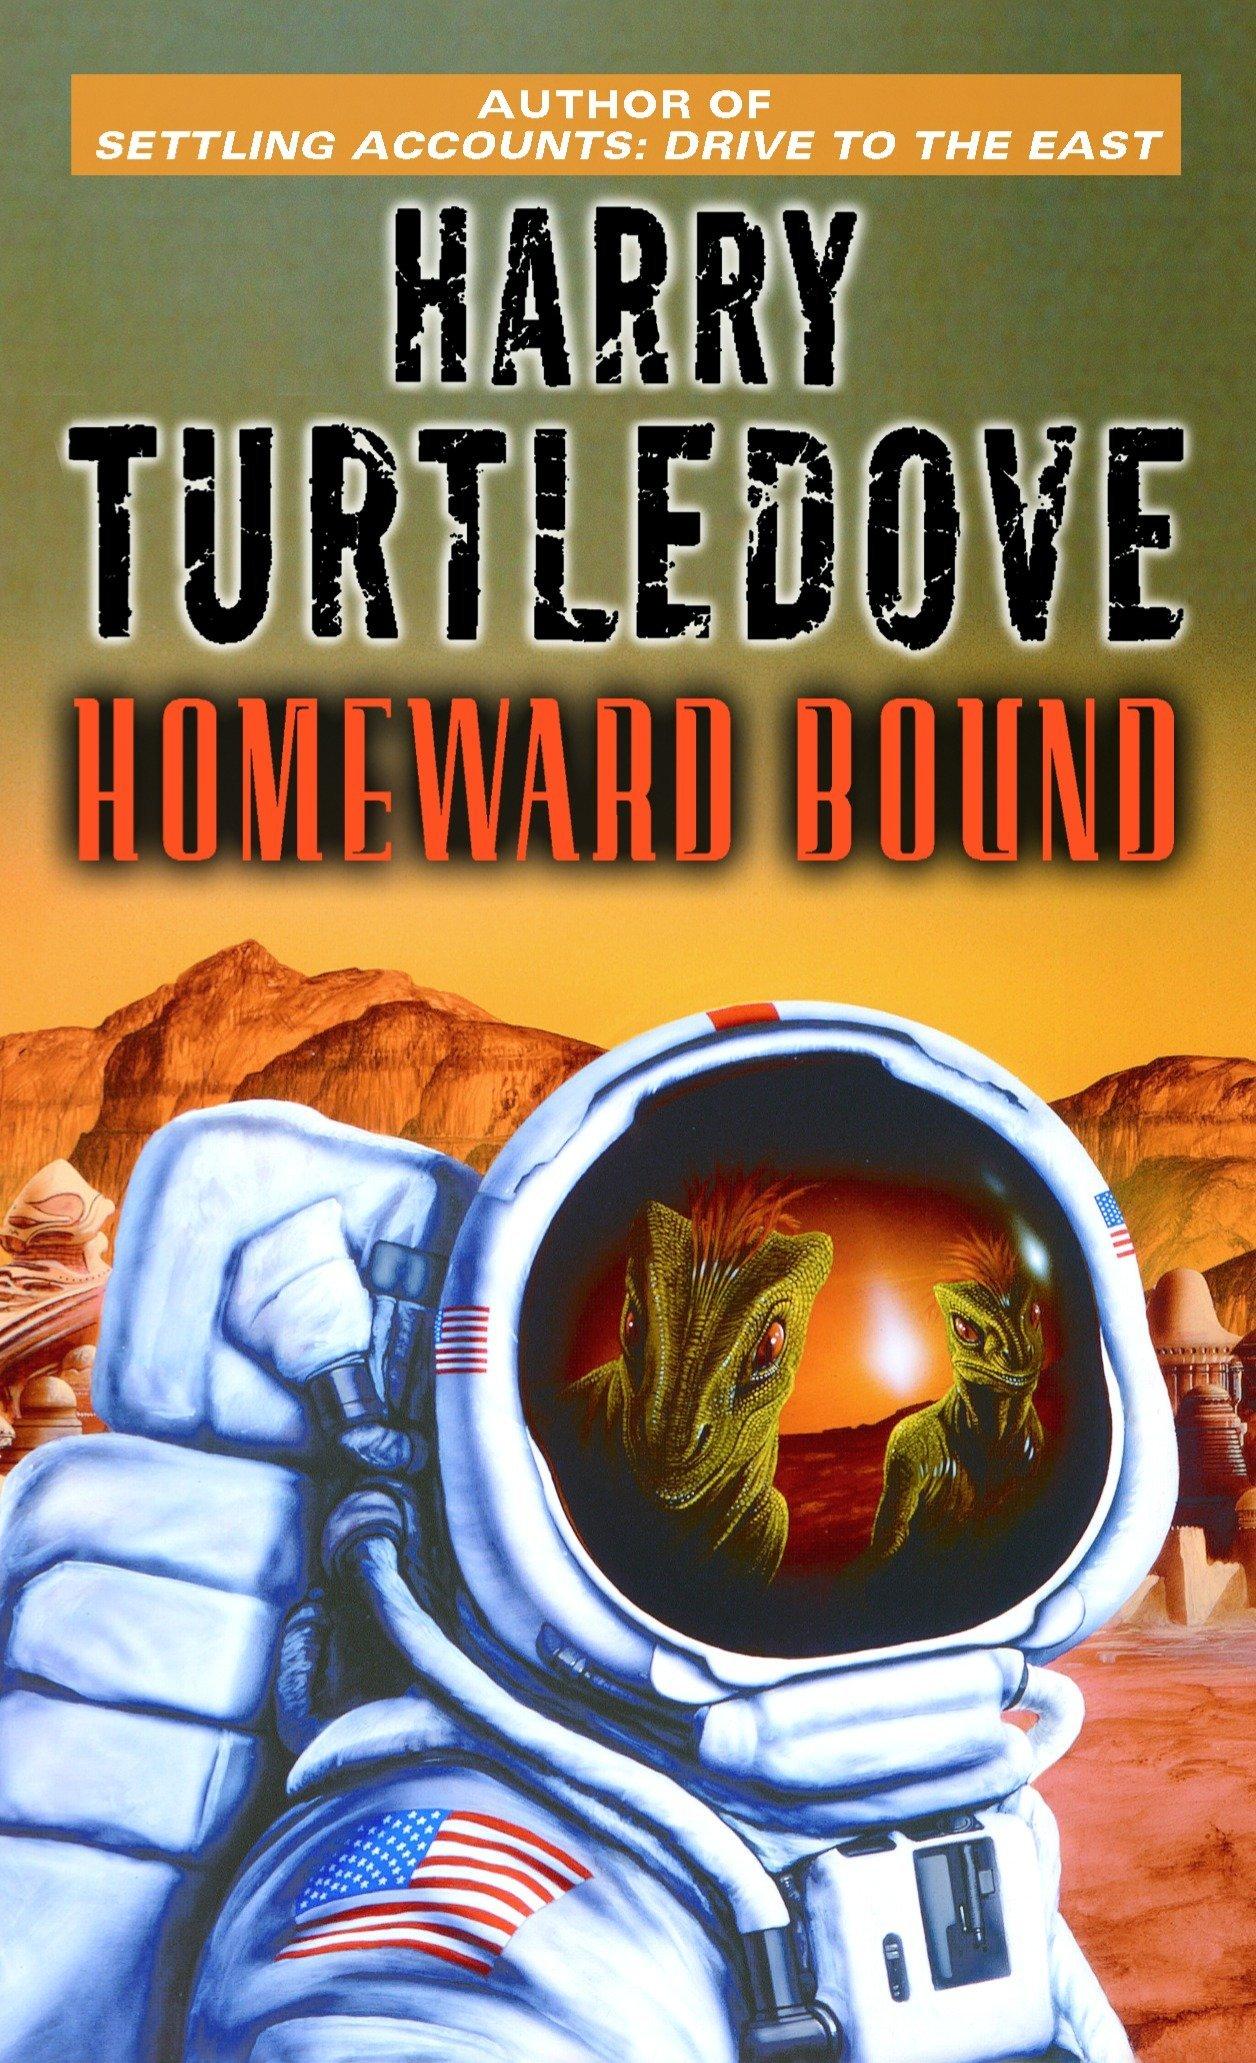 Read Online Homeward Bound (Worldwar & Colonization) pdf